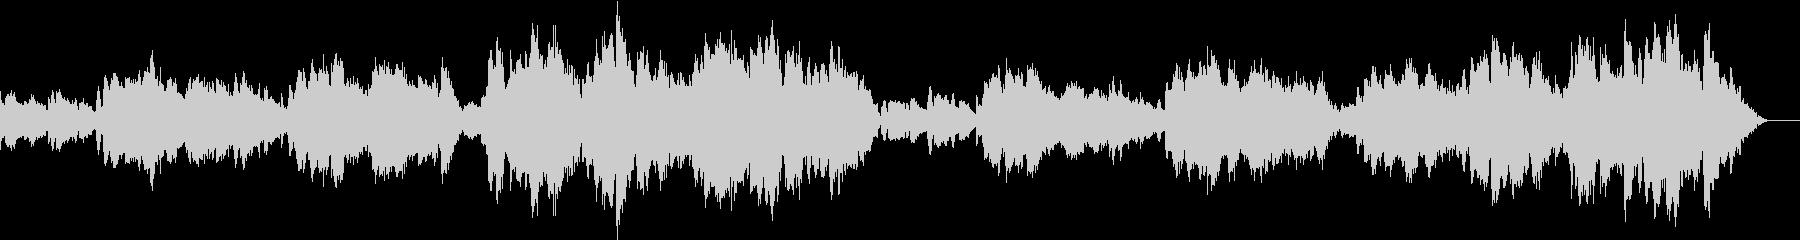 ジムノペディ第1番 エレピ サックスの未再生の波形